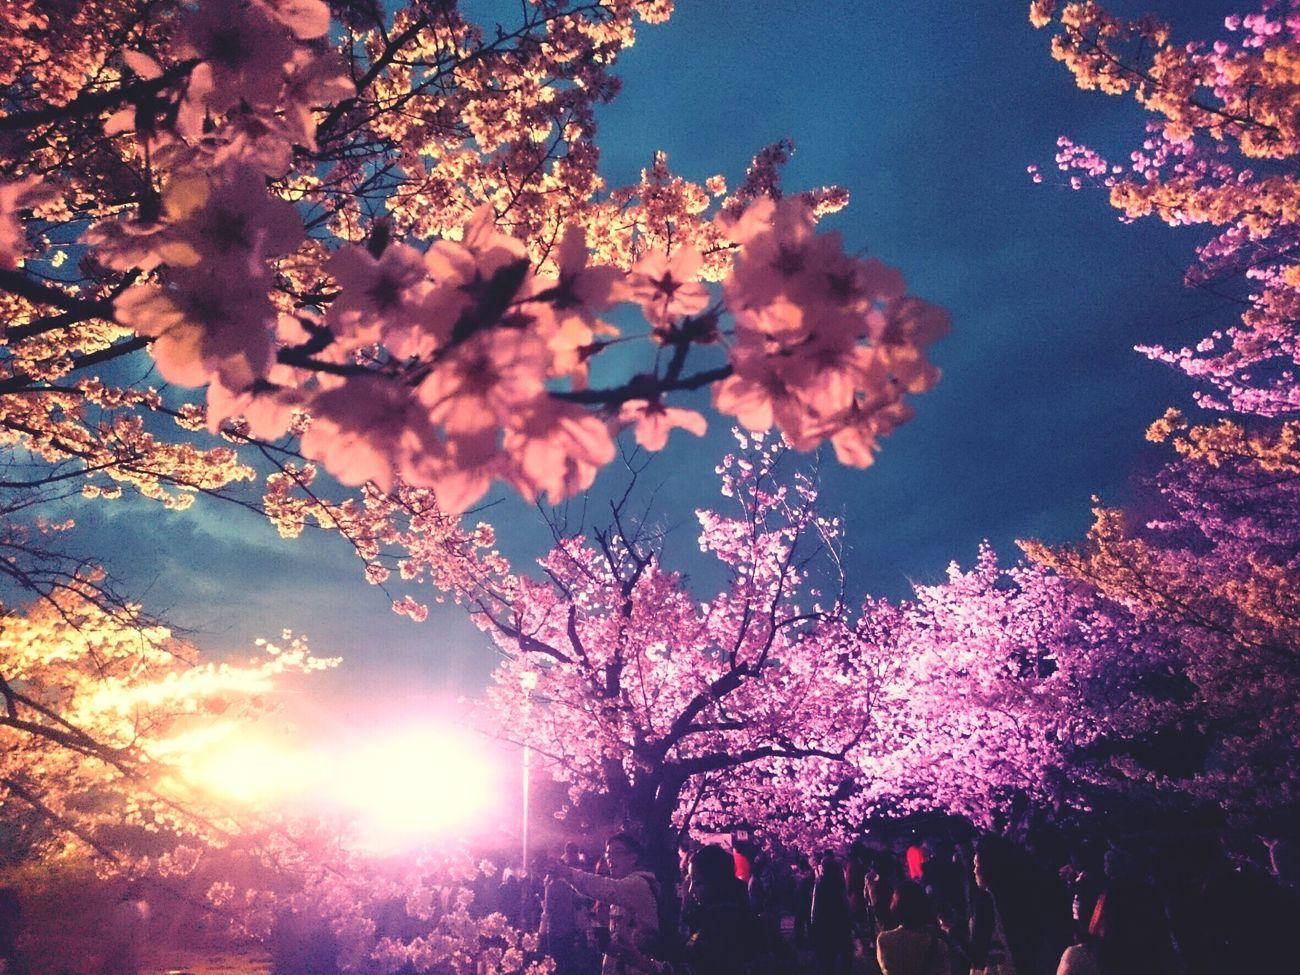 夜桜 Tree Beauty In Nature Nature Sky Sunset Low Angle View Outdoors Branch Growth Scenics Fragility No People Freshness Day Cherry Blossoms Fukuoka,Japan Fukuoka-shi